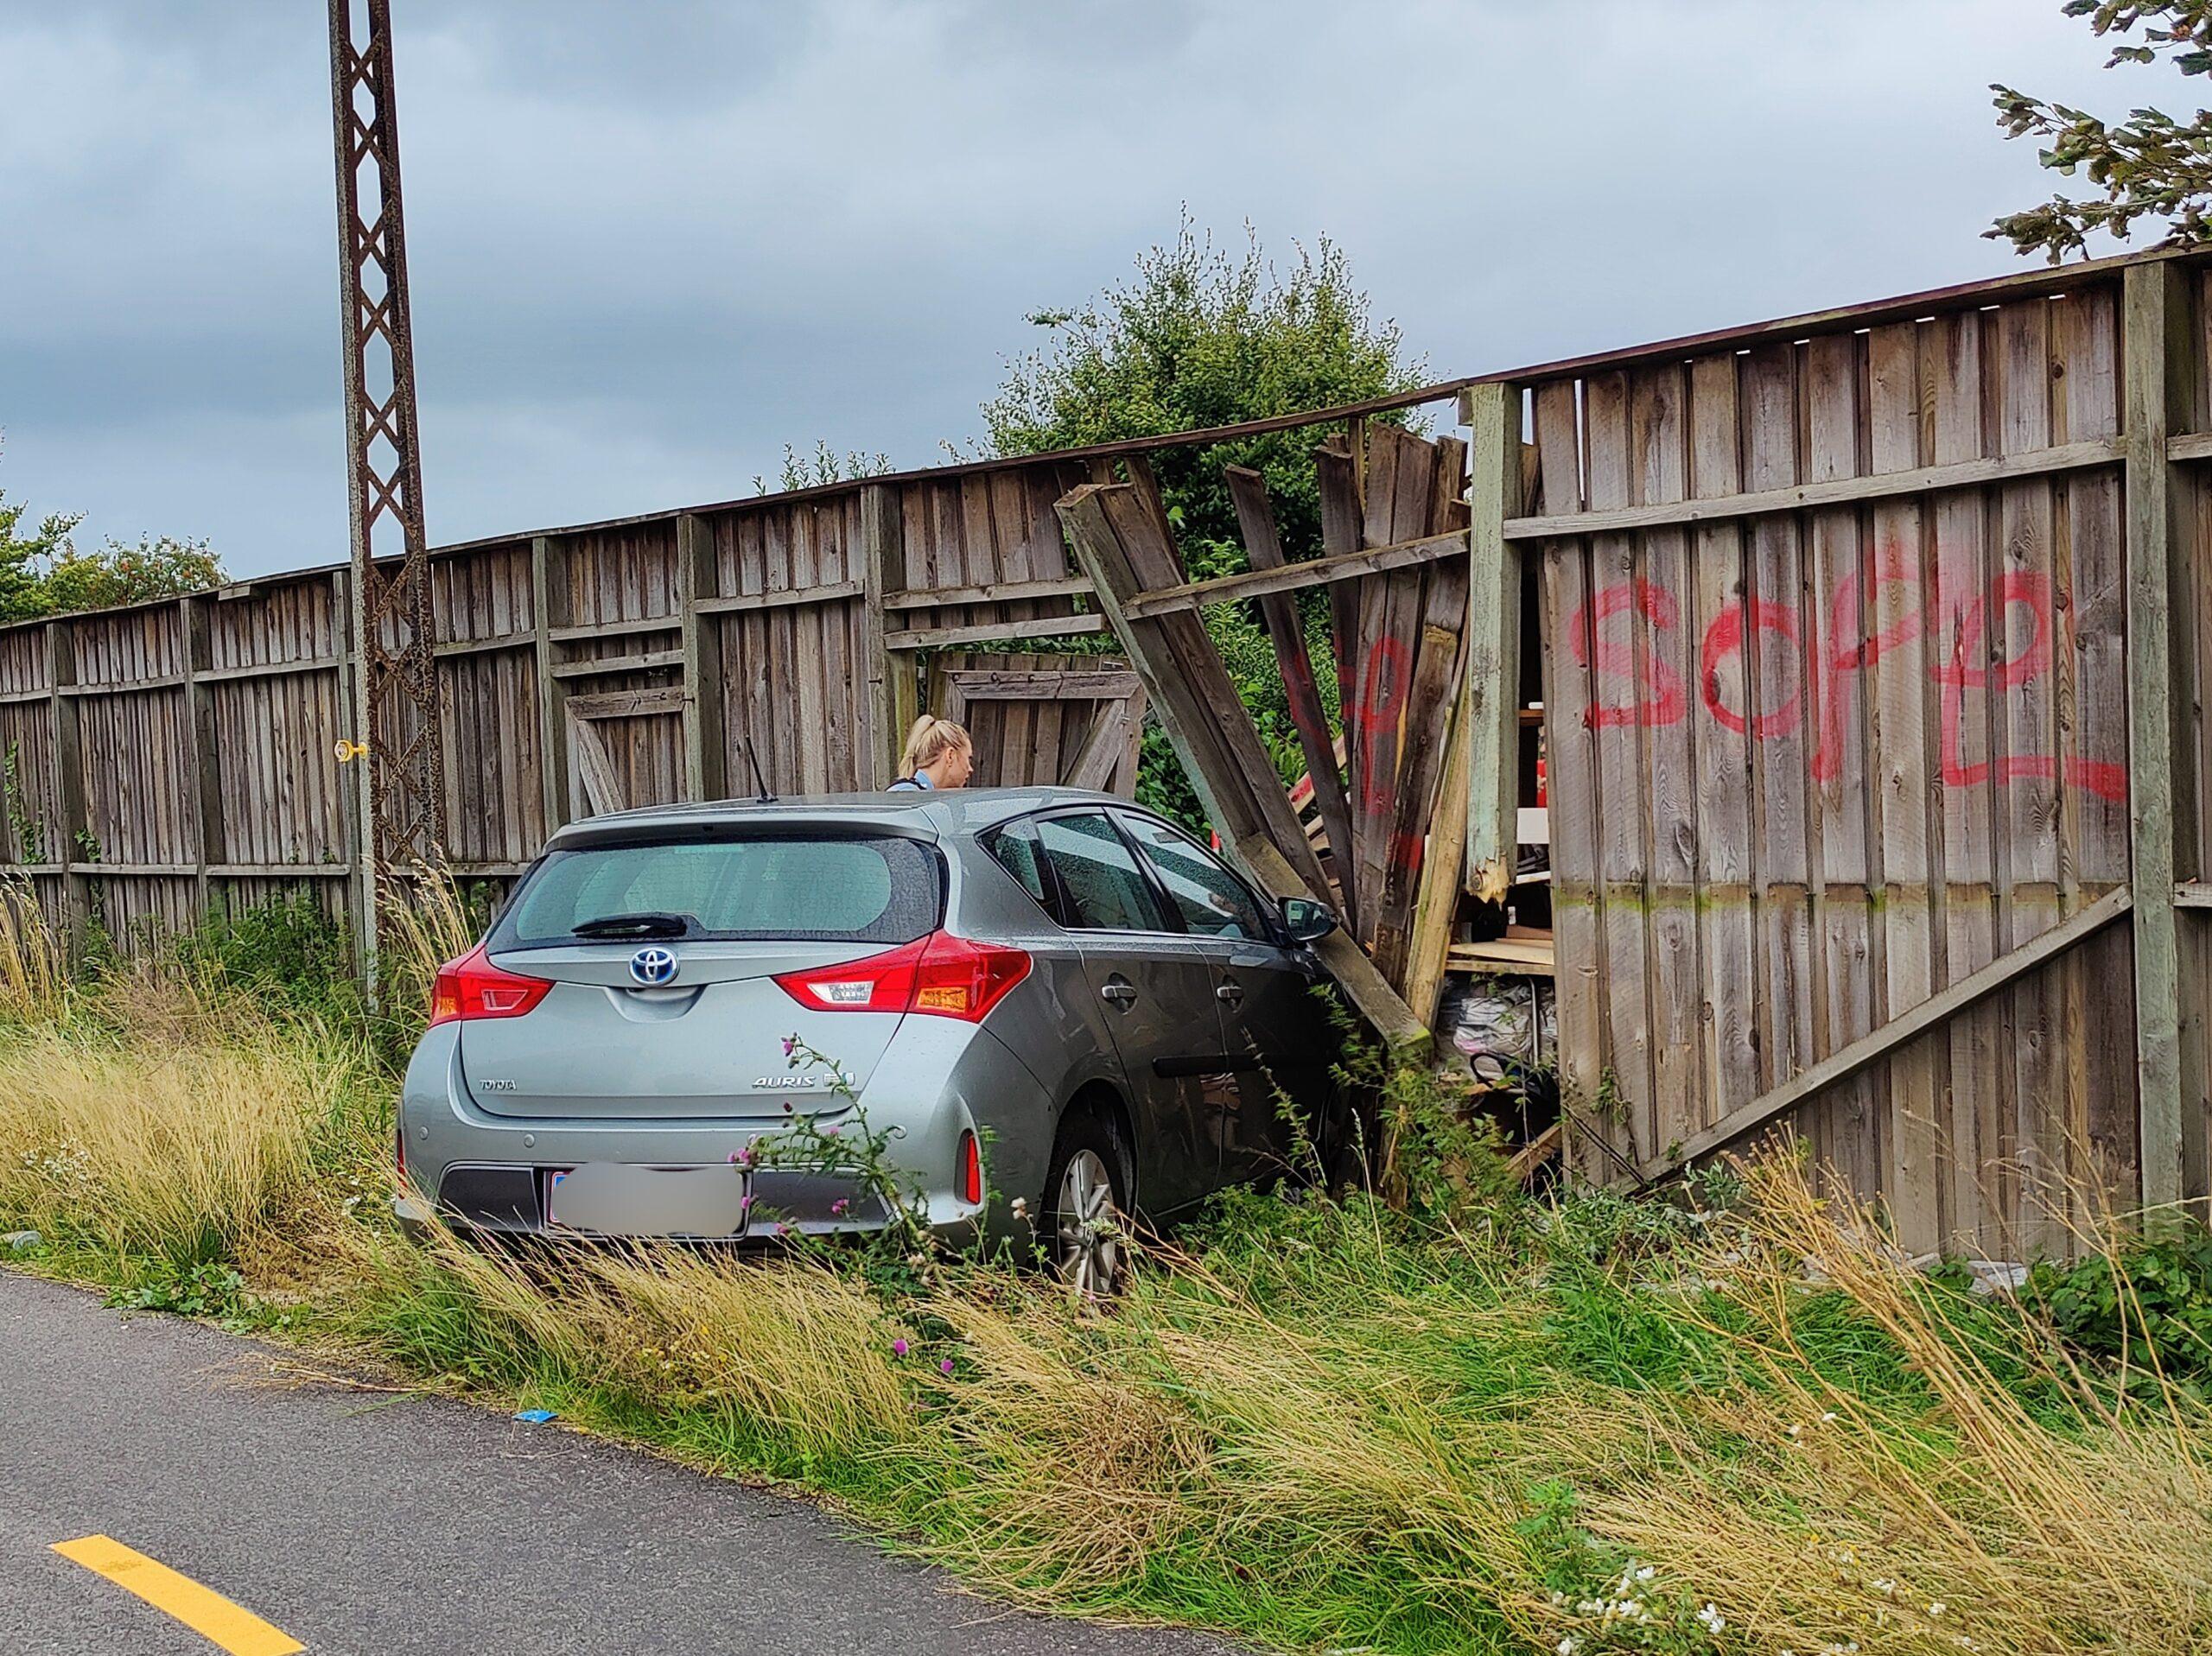 Bil kørt ind i hegn - politiet er på stedet